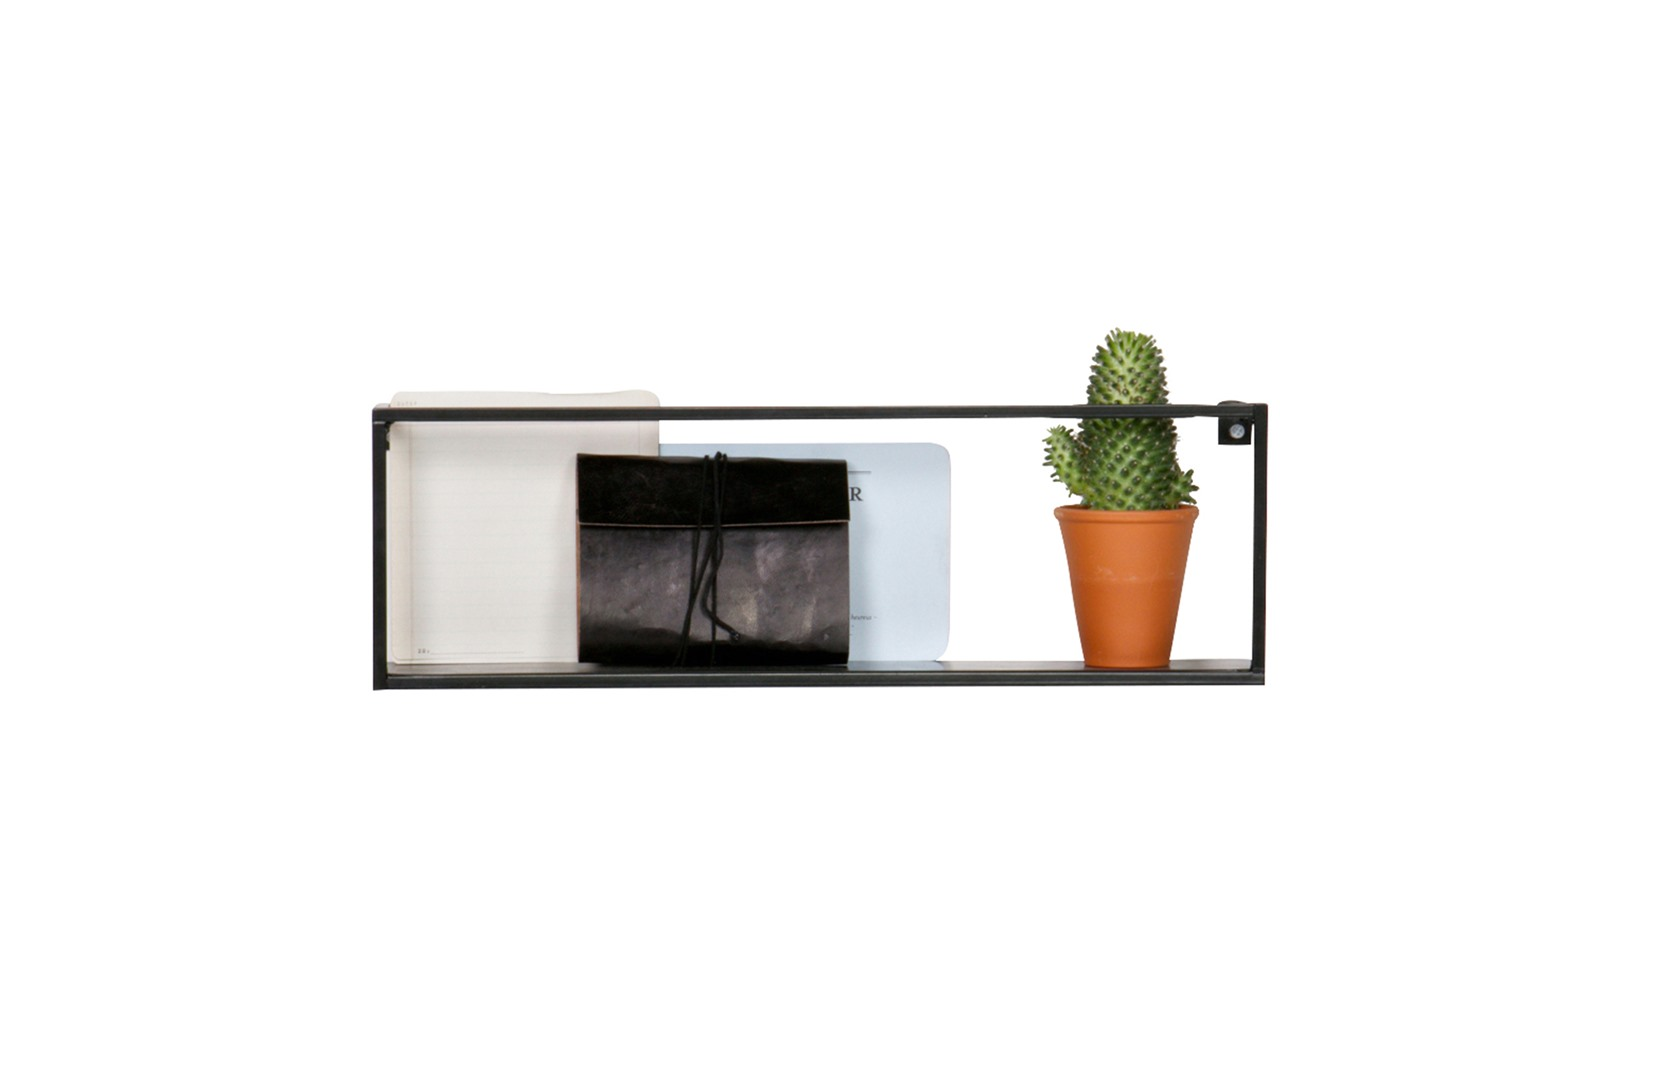 Wandplank Zwart Metaal Hout.Wandplank 50cm Zwart Metaal Krea